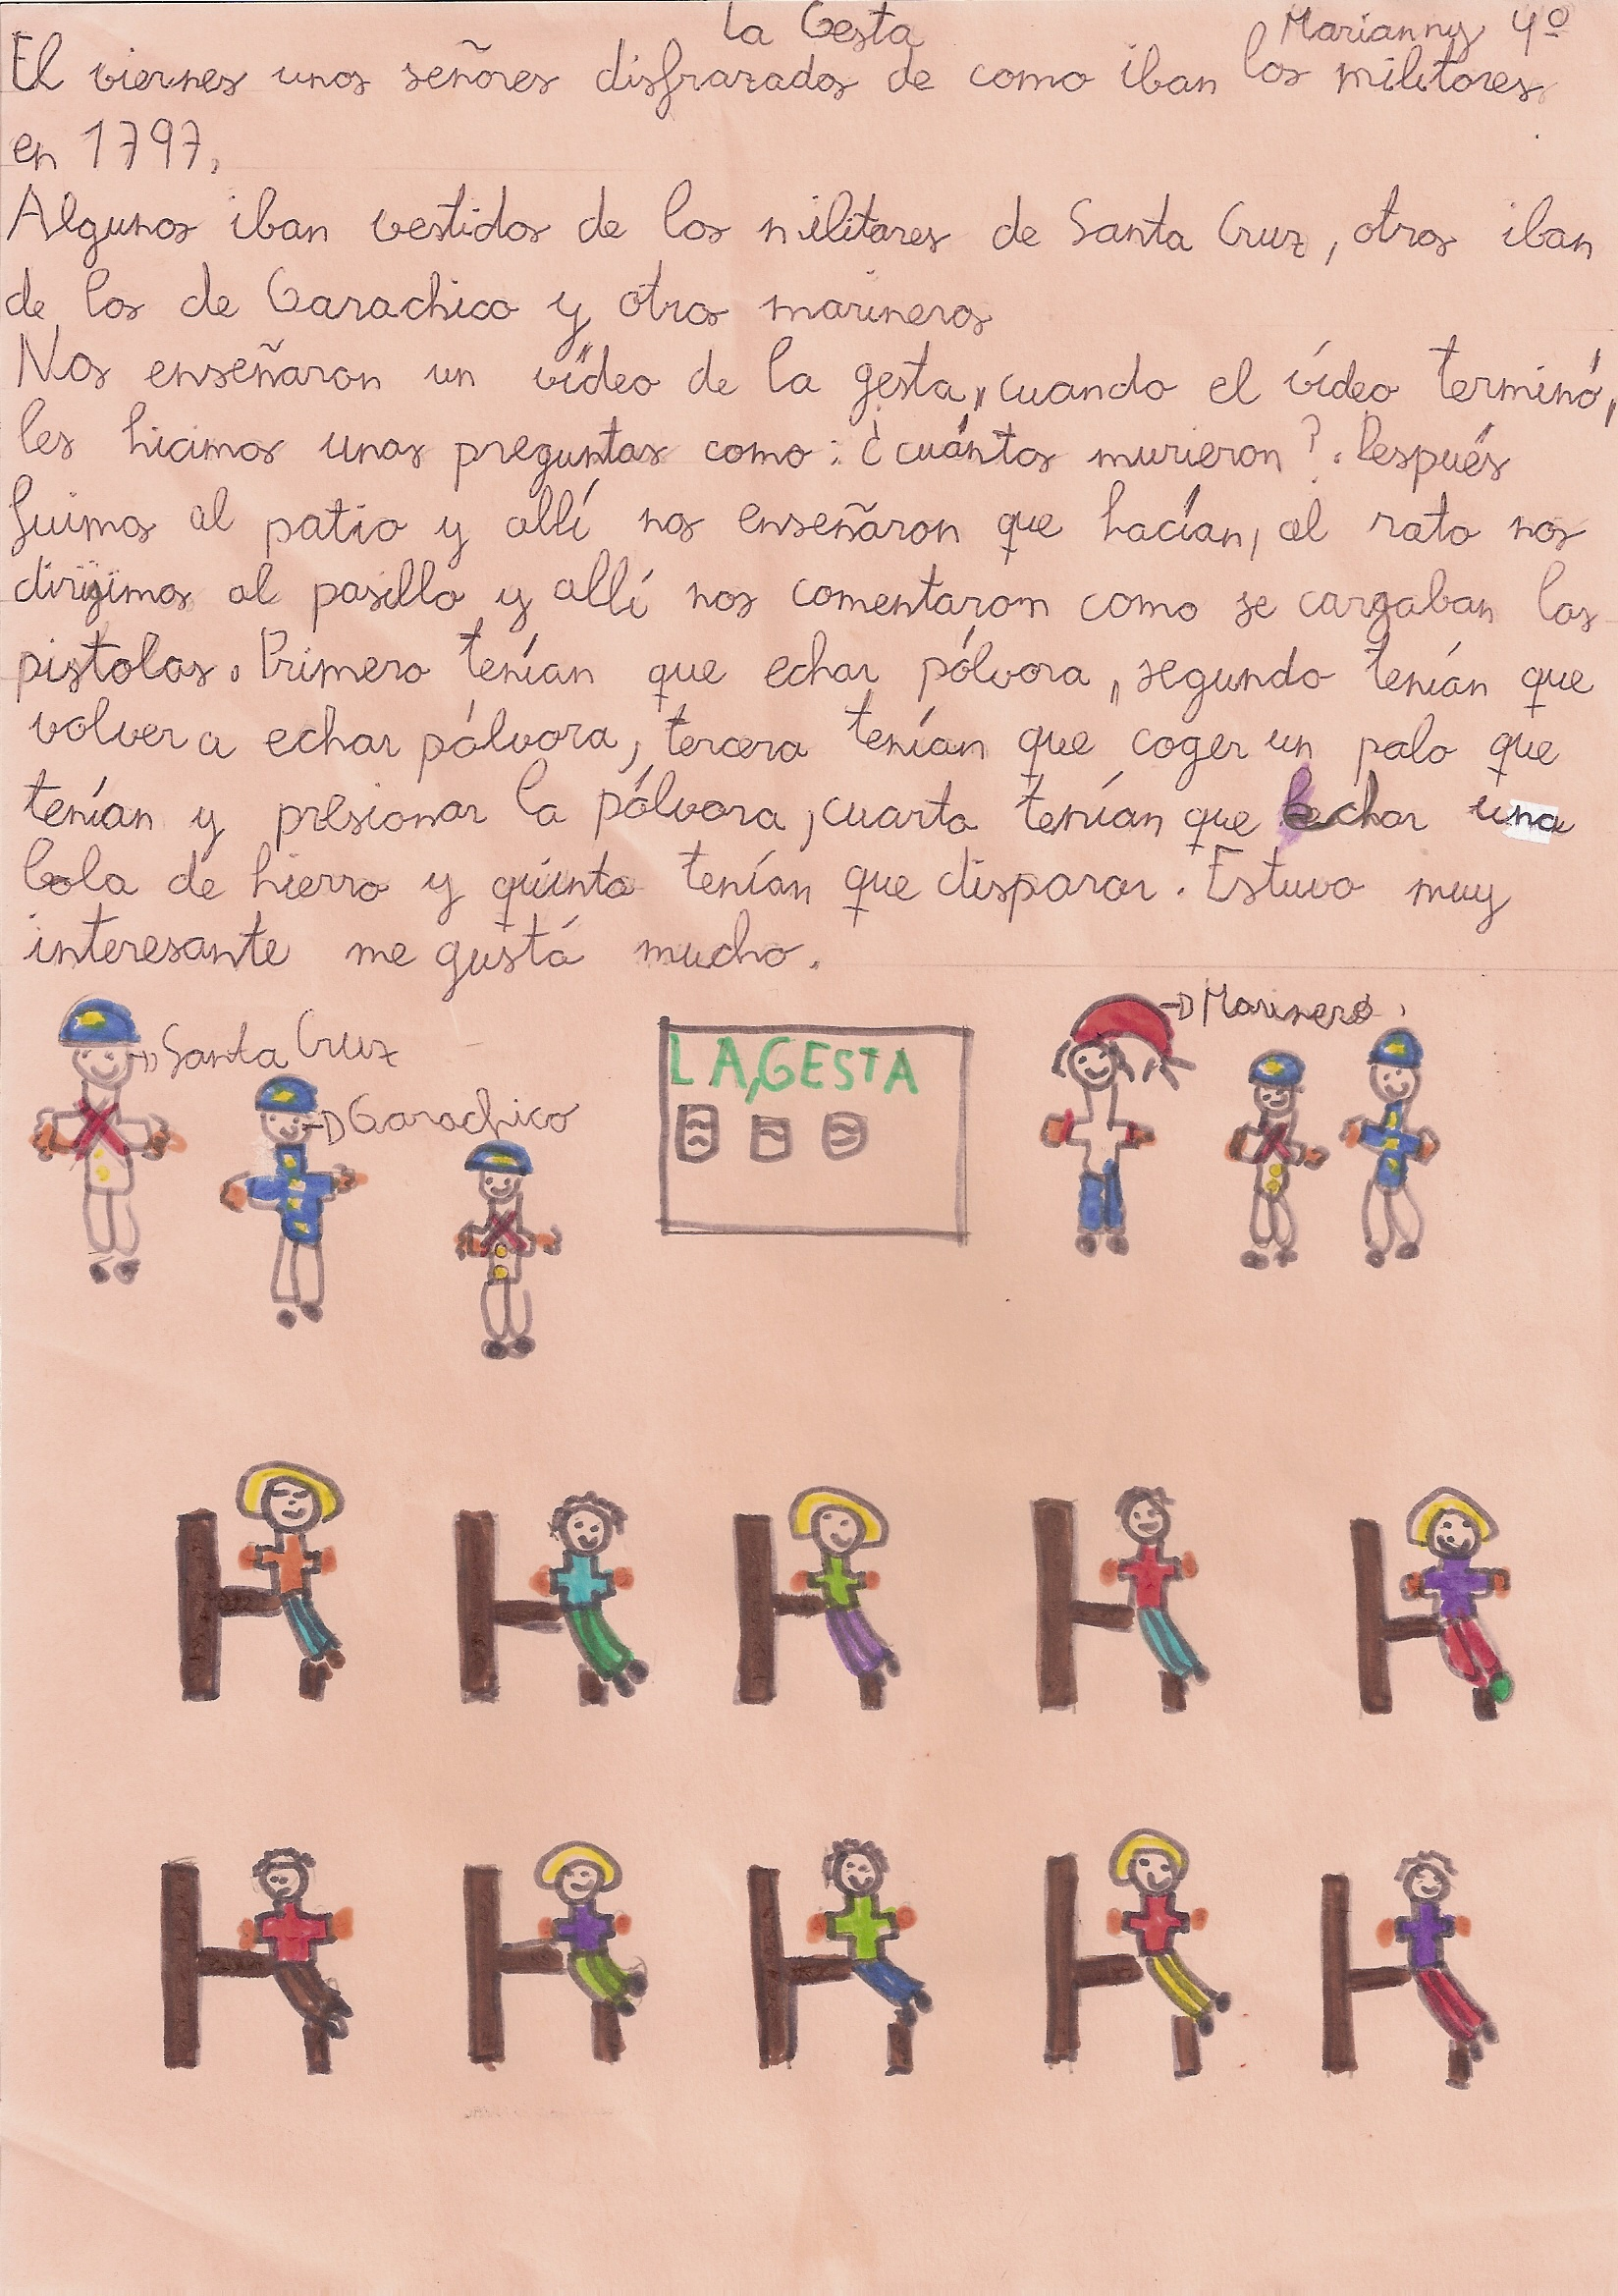 SOCIACIÓN 25 JULIO 1797  MARIANNY 4º